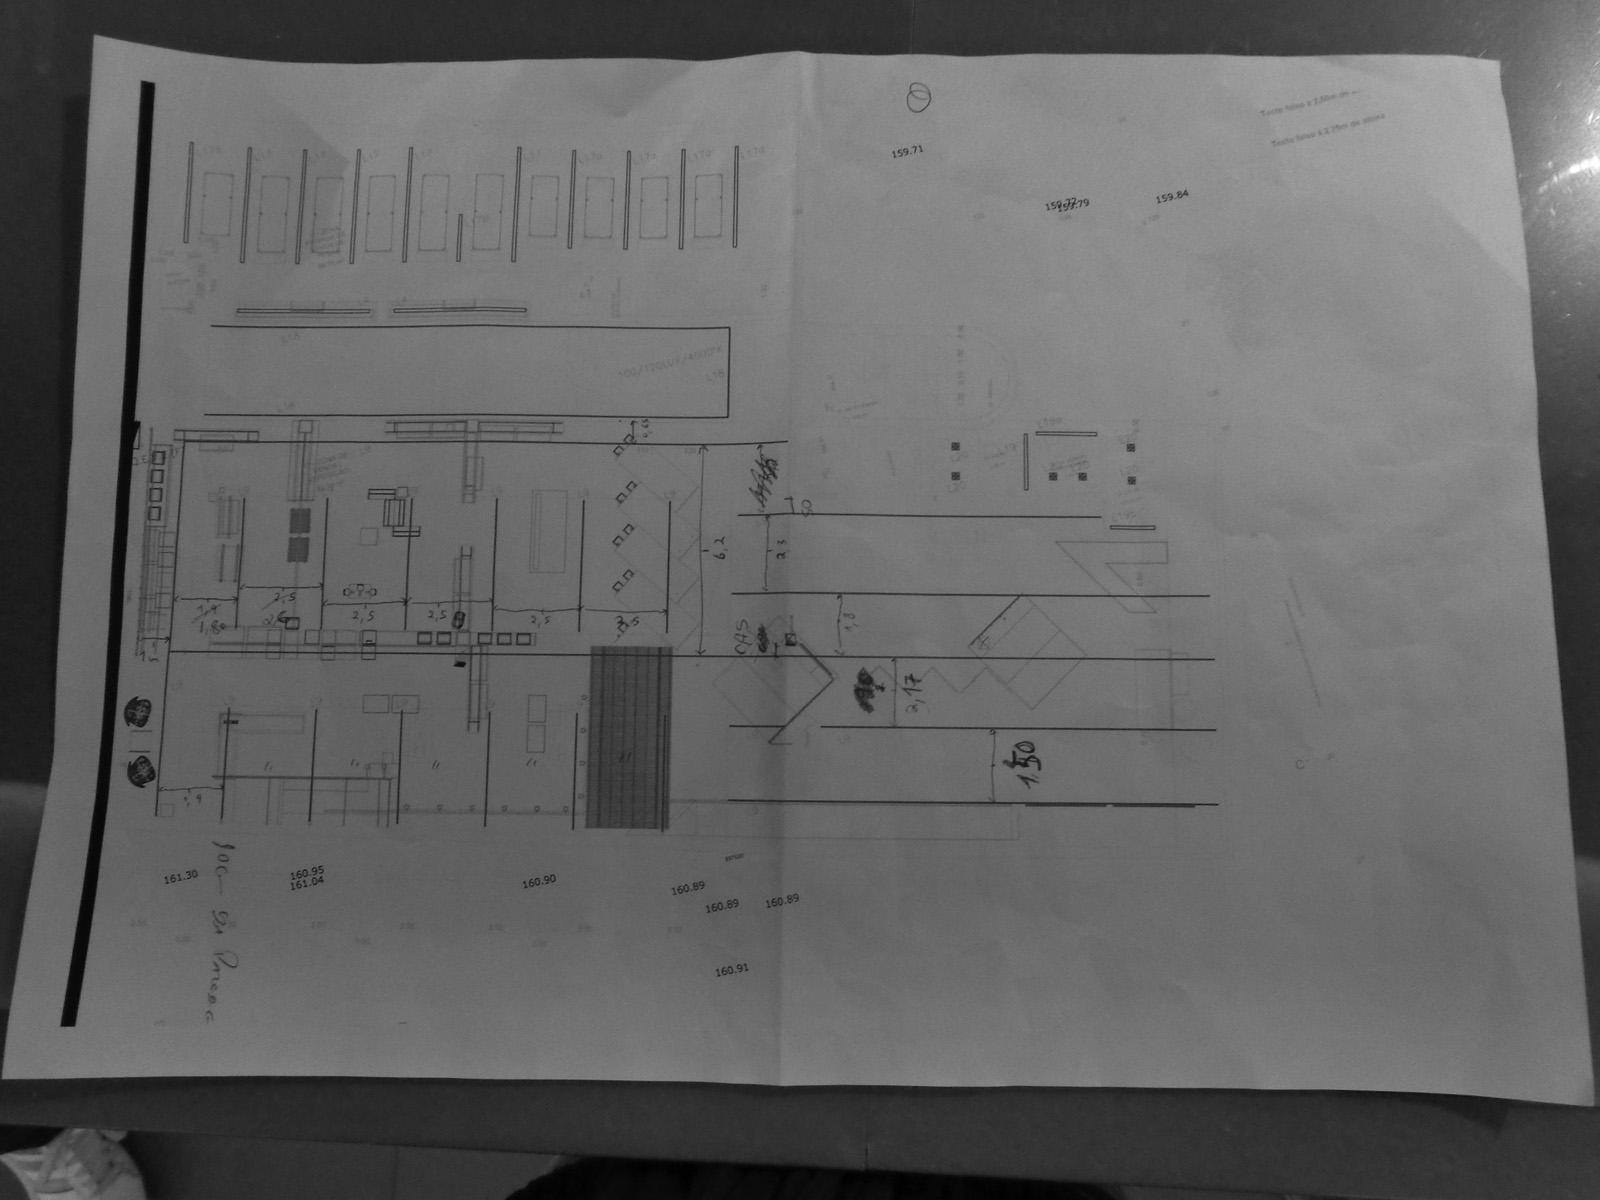 Grupo Antero Motos - Em Construção - Vila Nova de Gaia - EVA evolutionary architecture - Arquitectos Porto (13).jpg